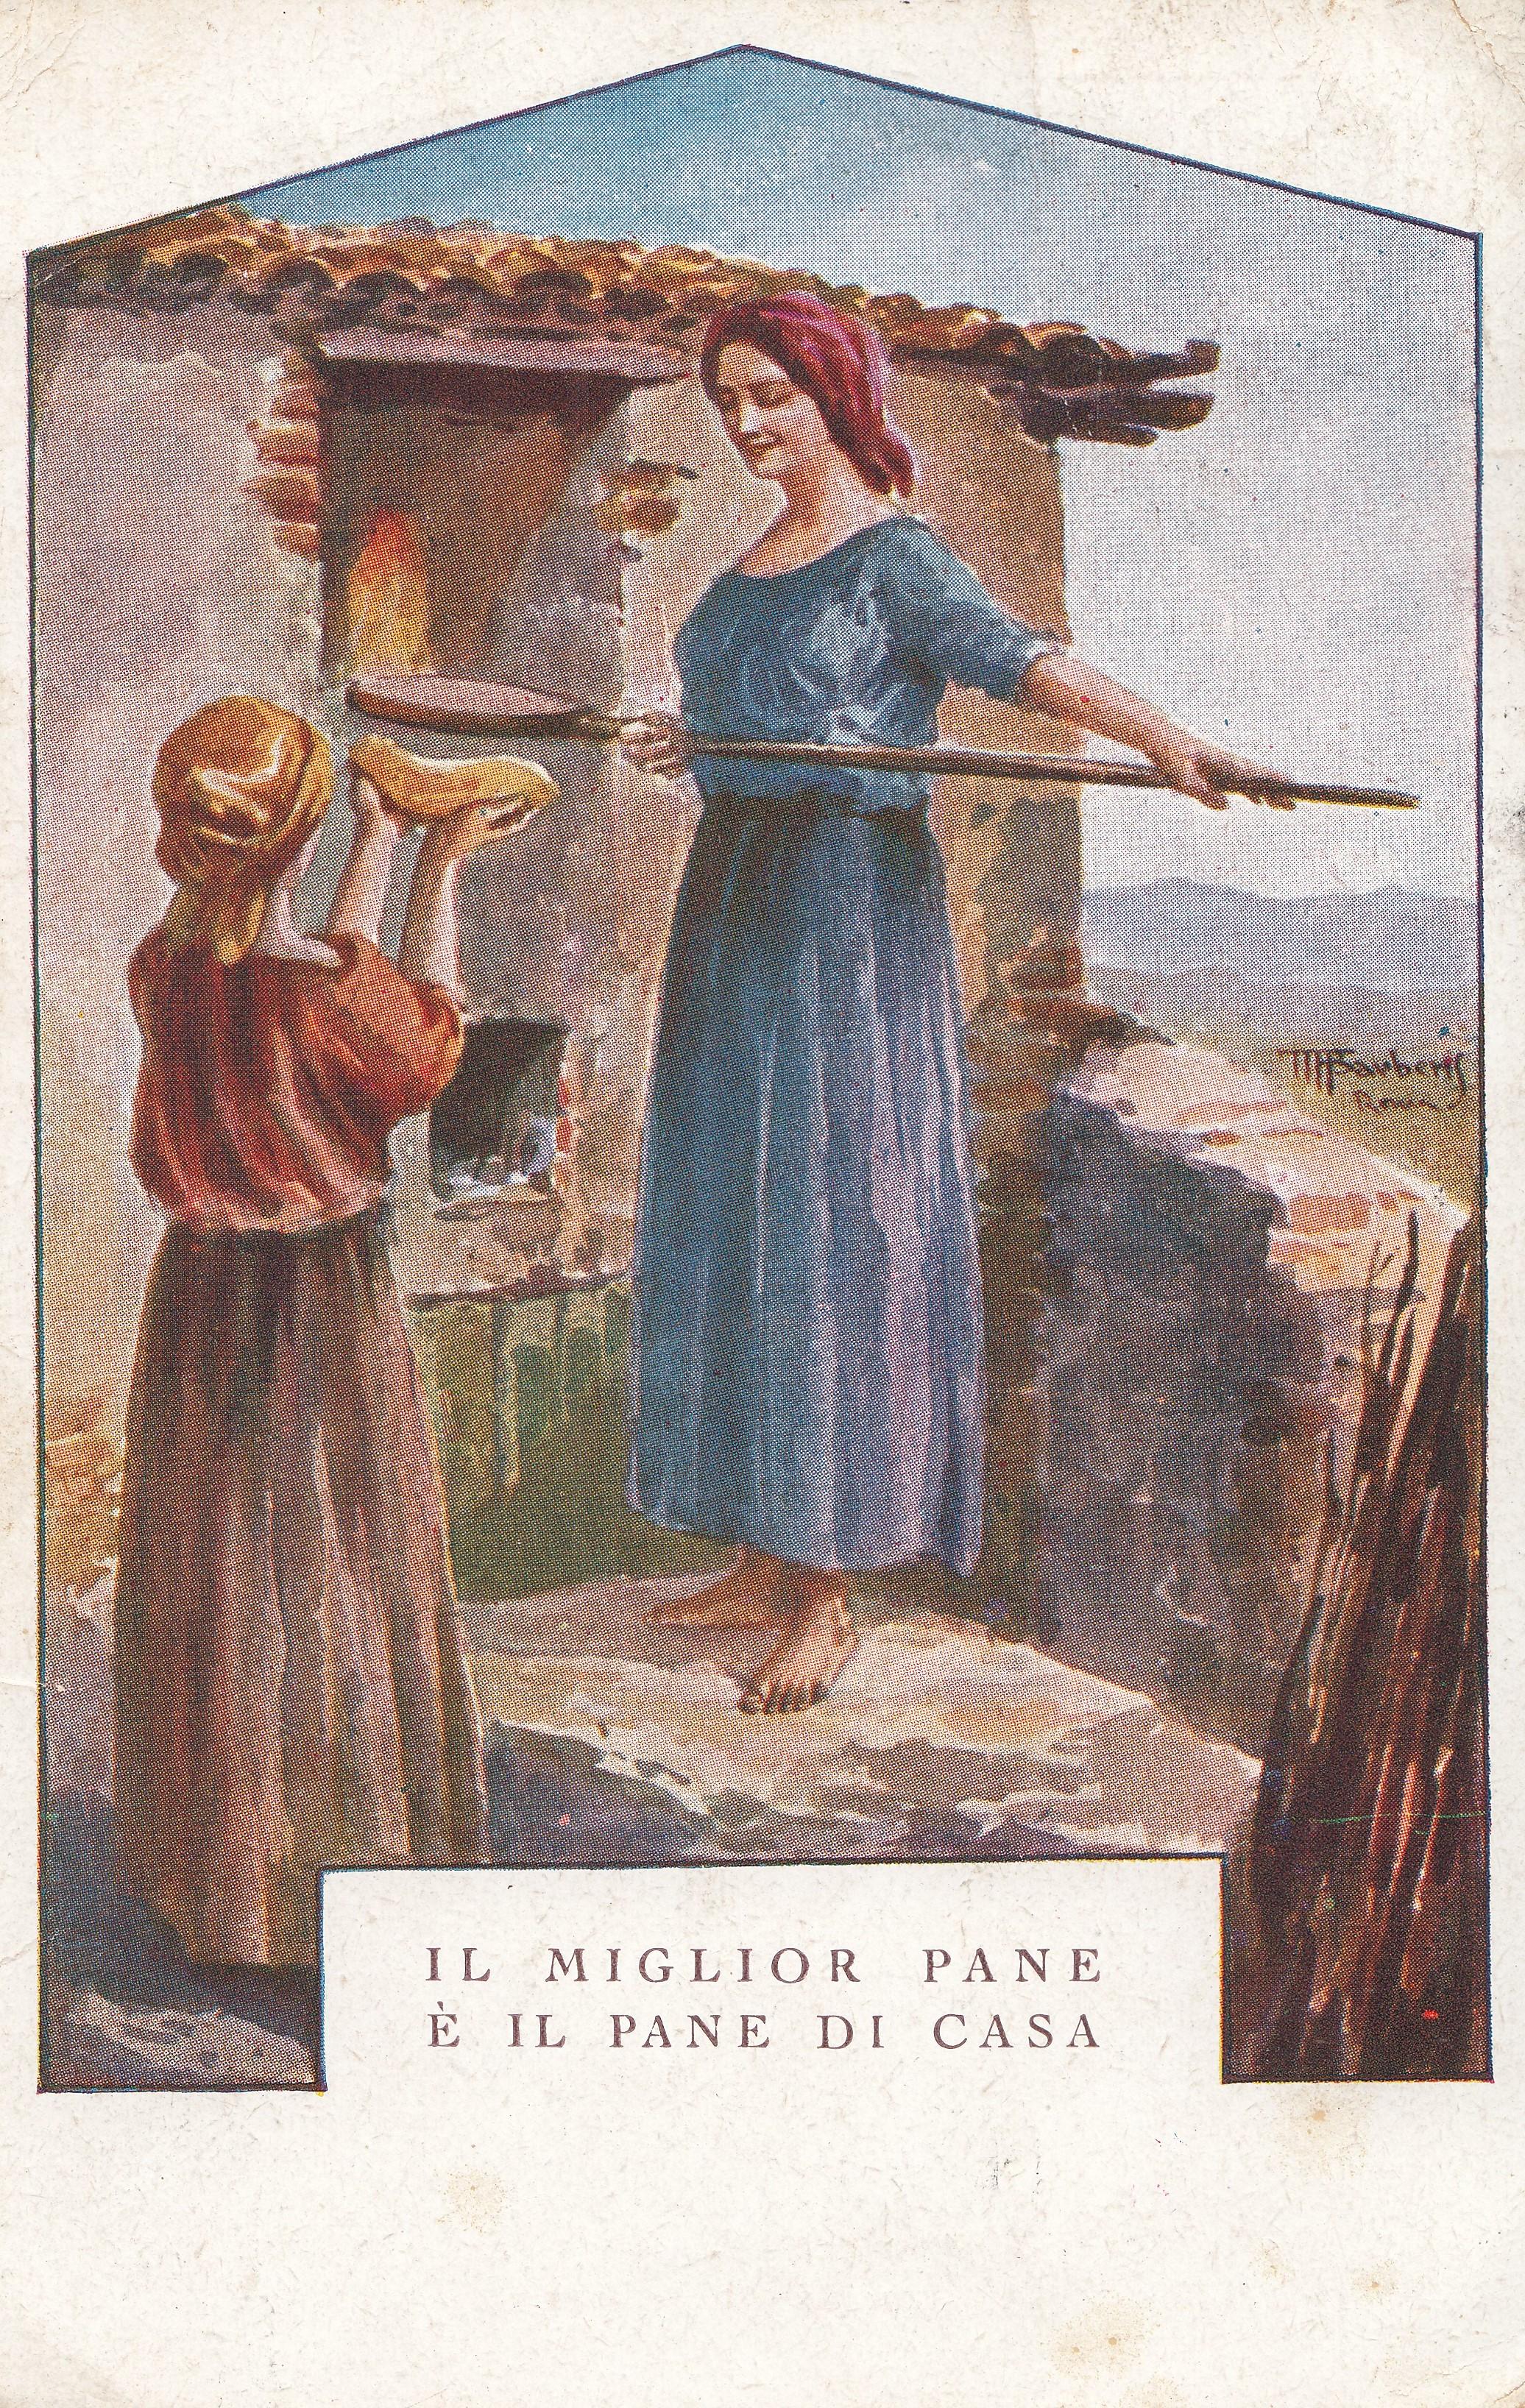 Cartolina con il forno per il pane